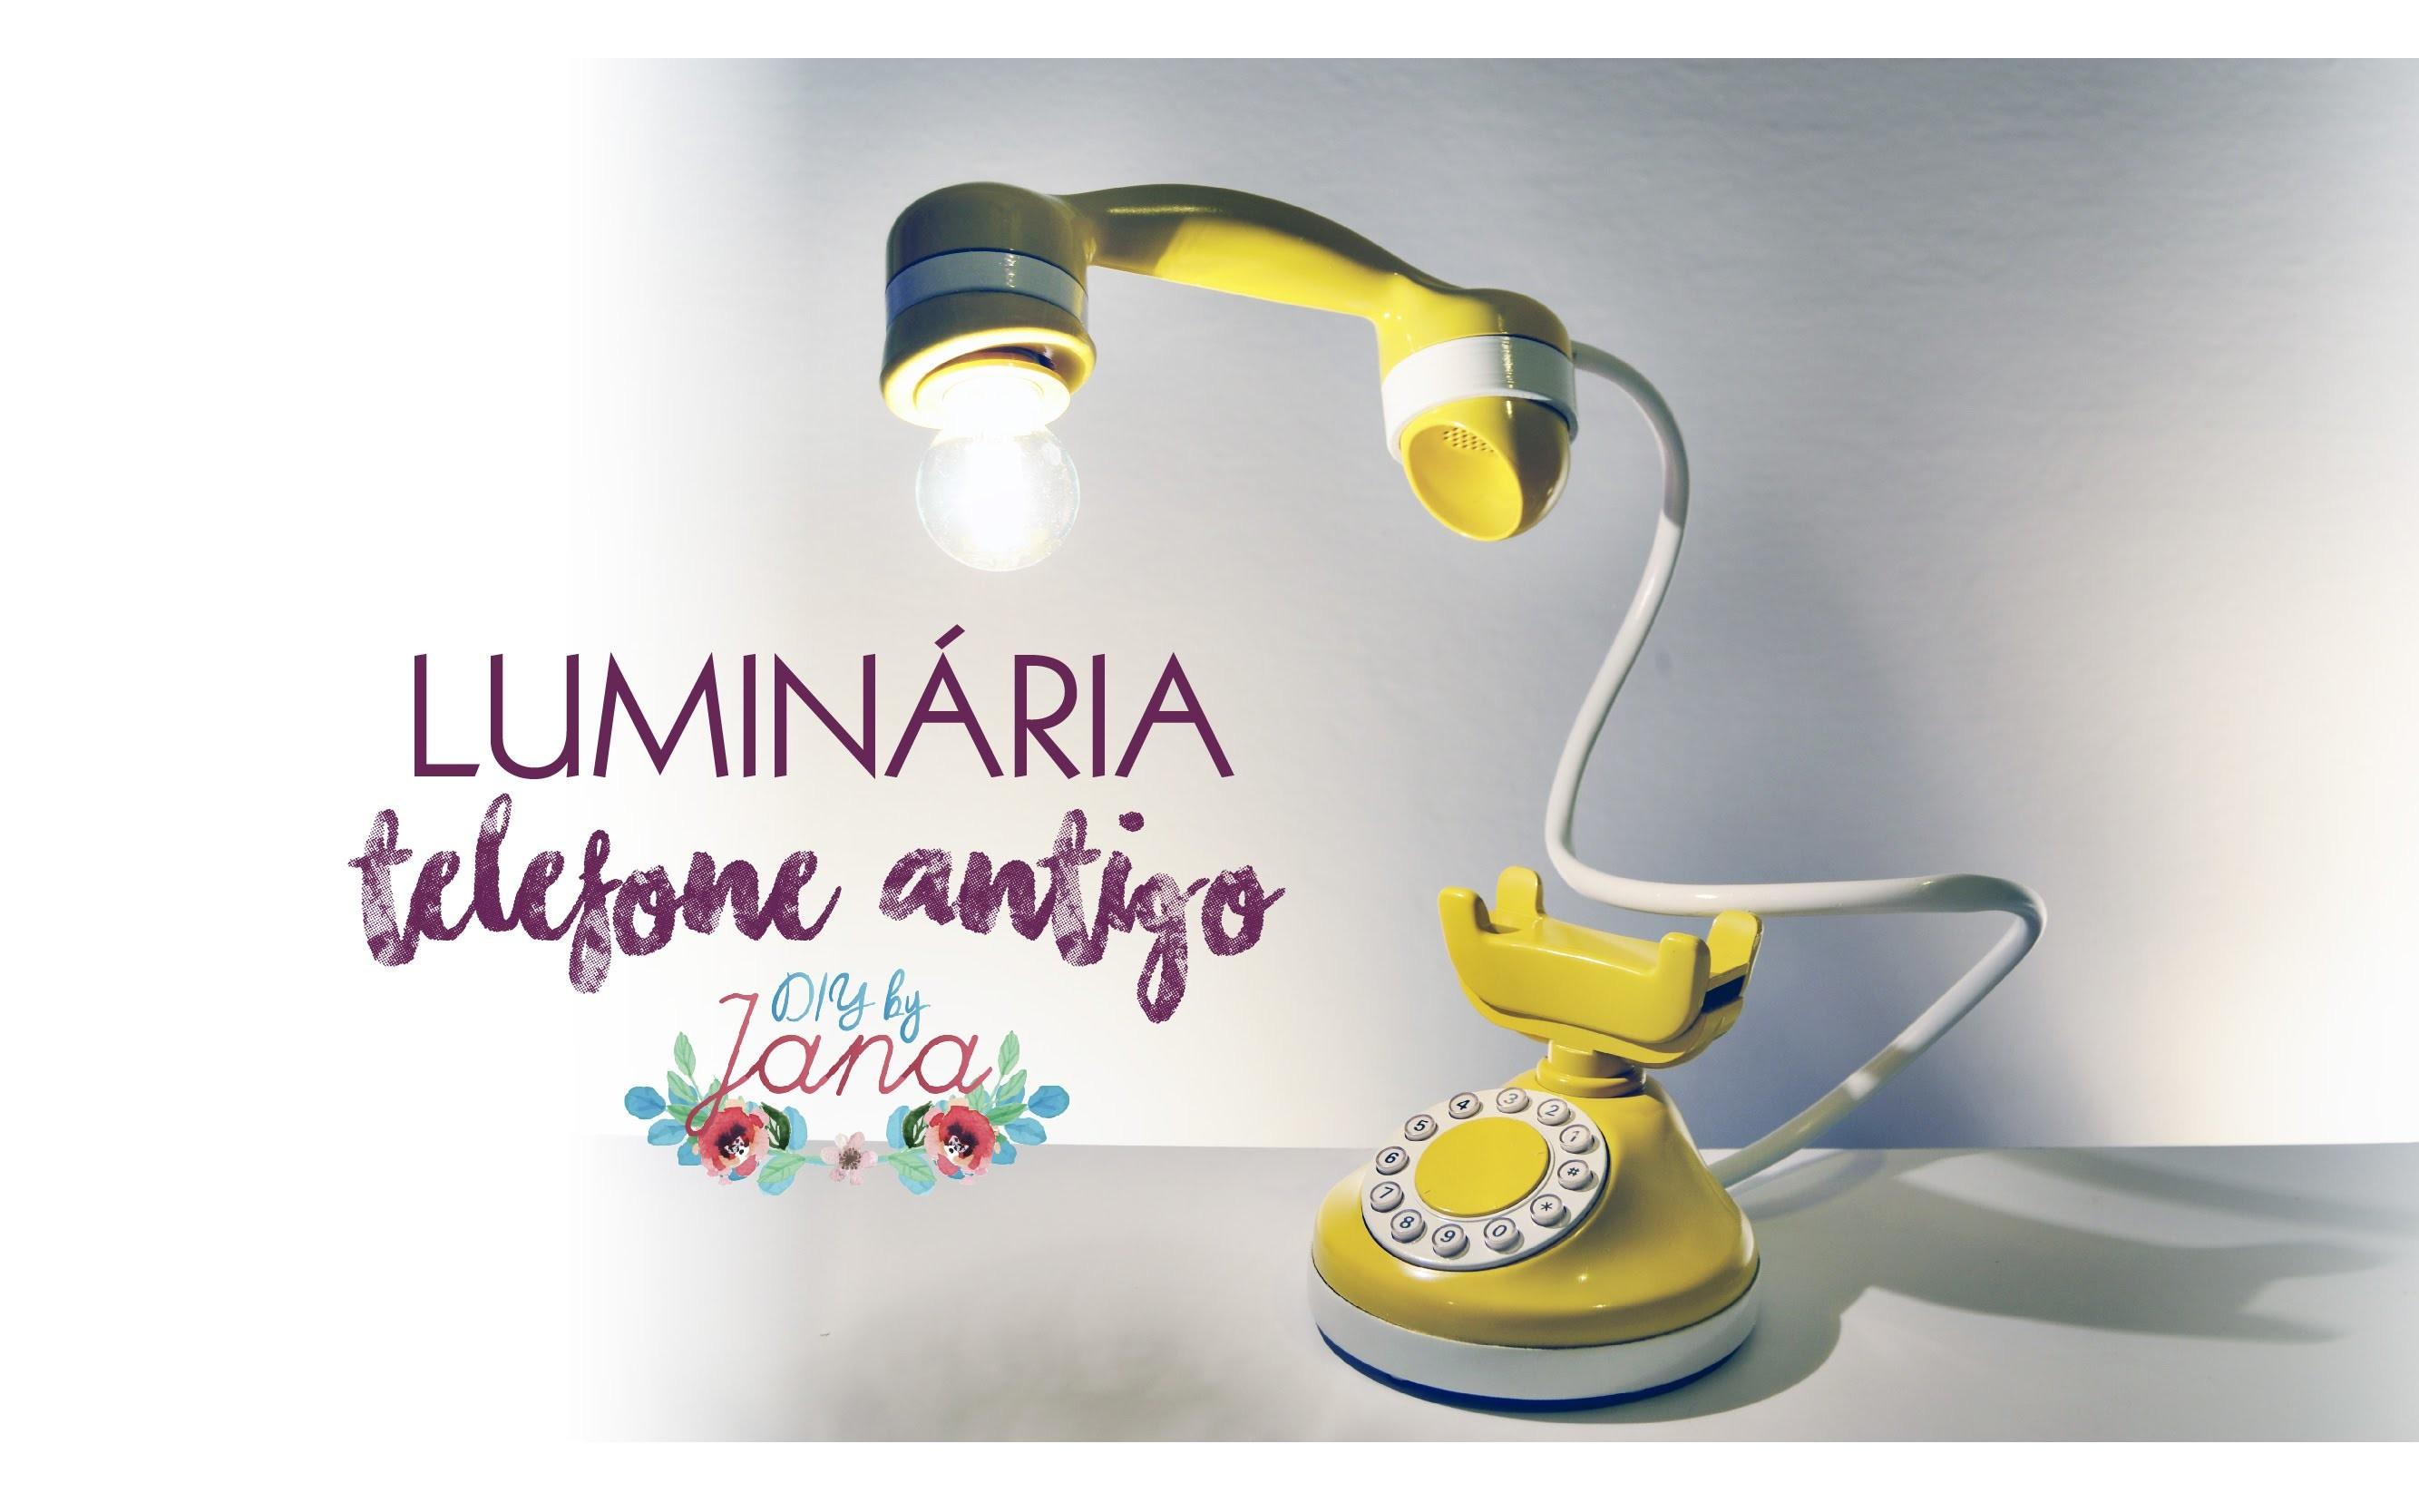 Luminária usando um telefone antigo (Vintage) - DIY BY JANA